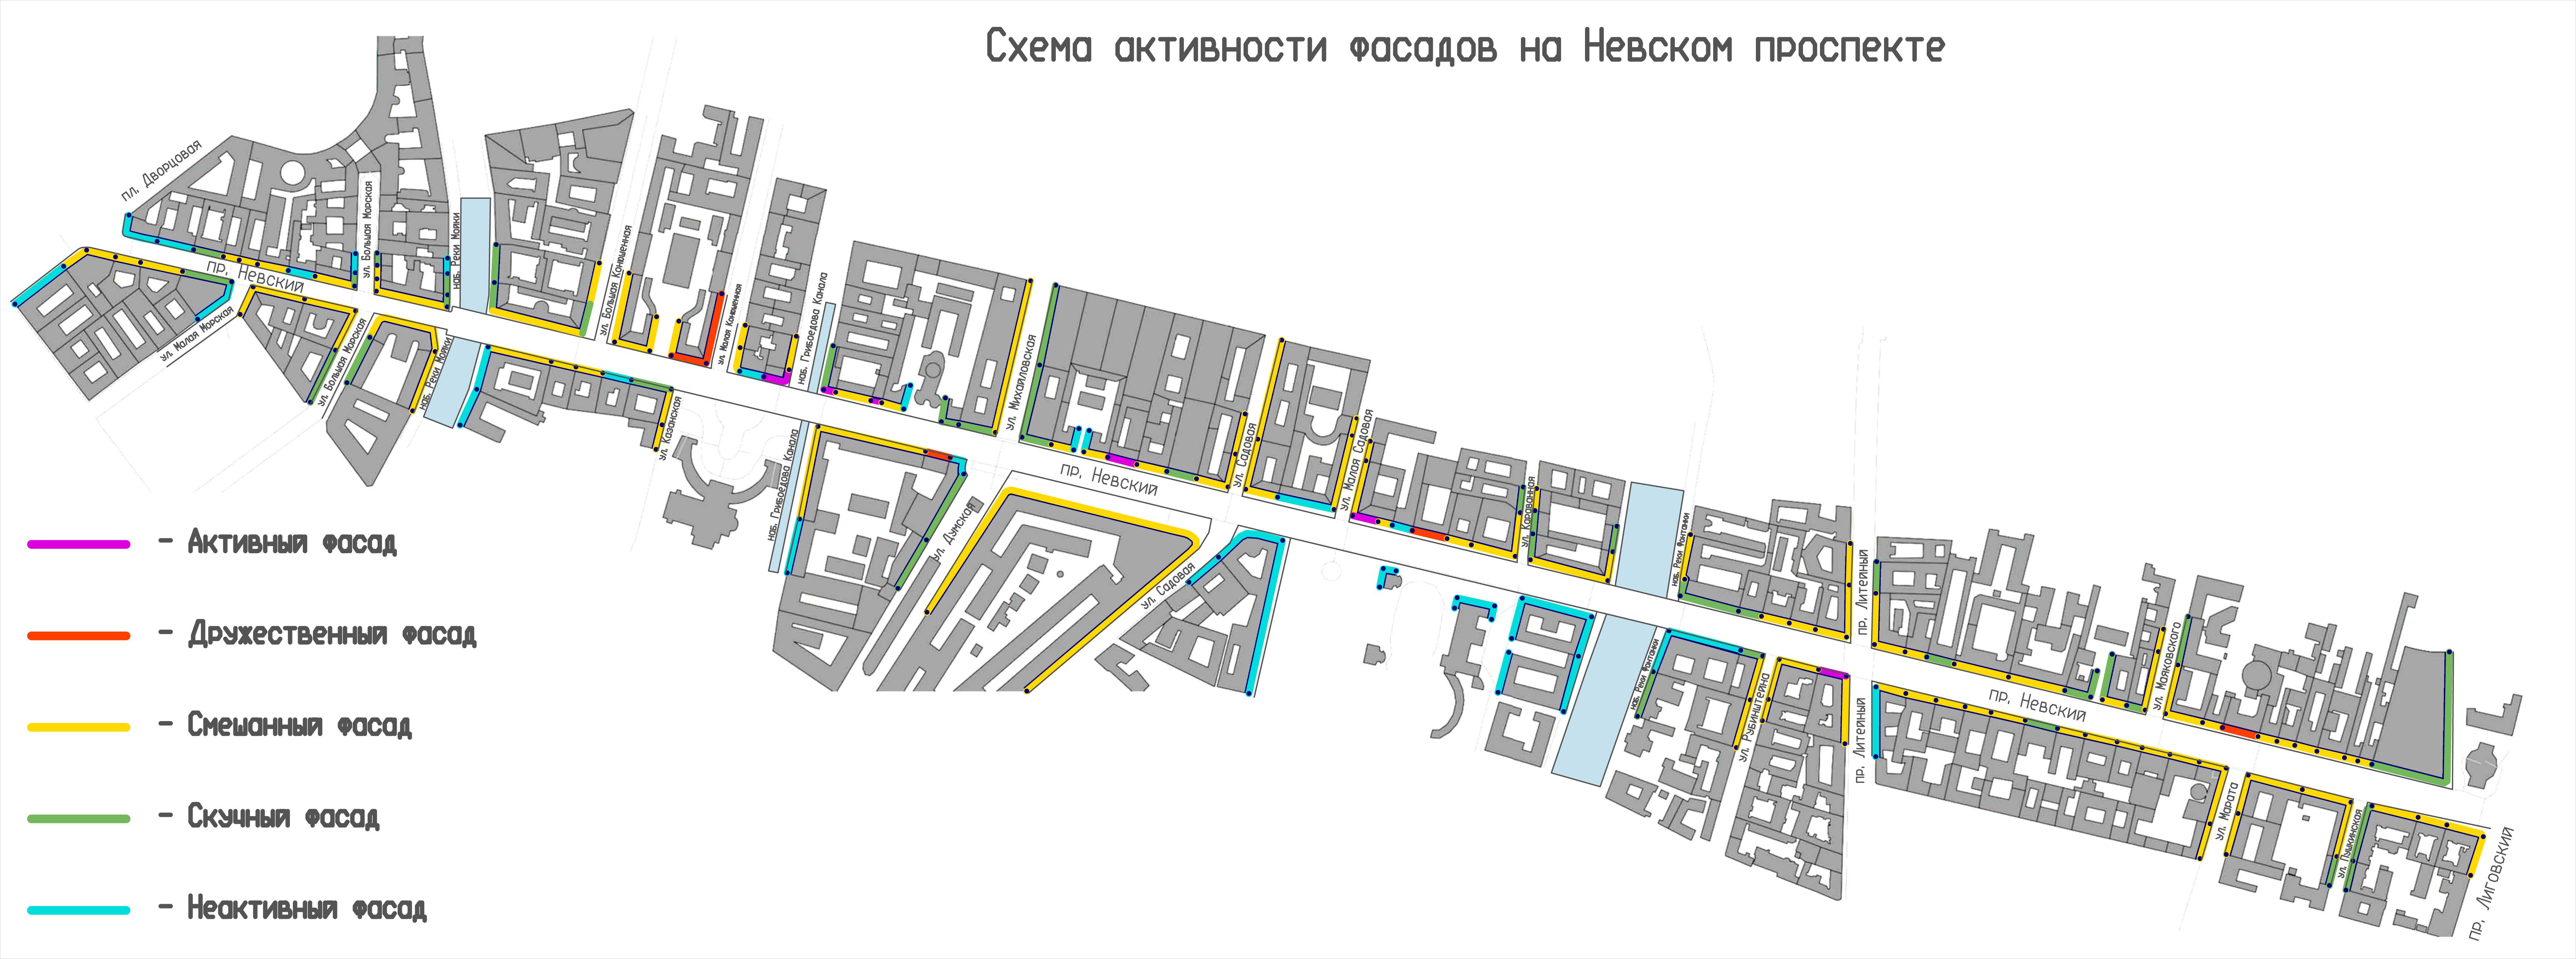 карта активности фасадов Невского